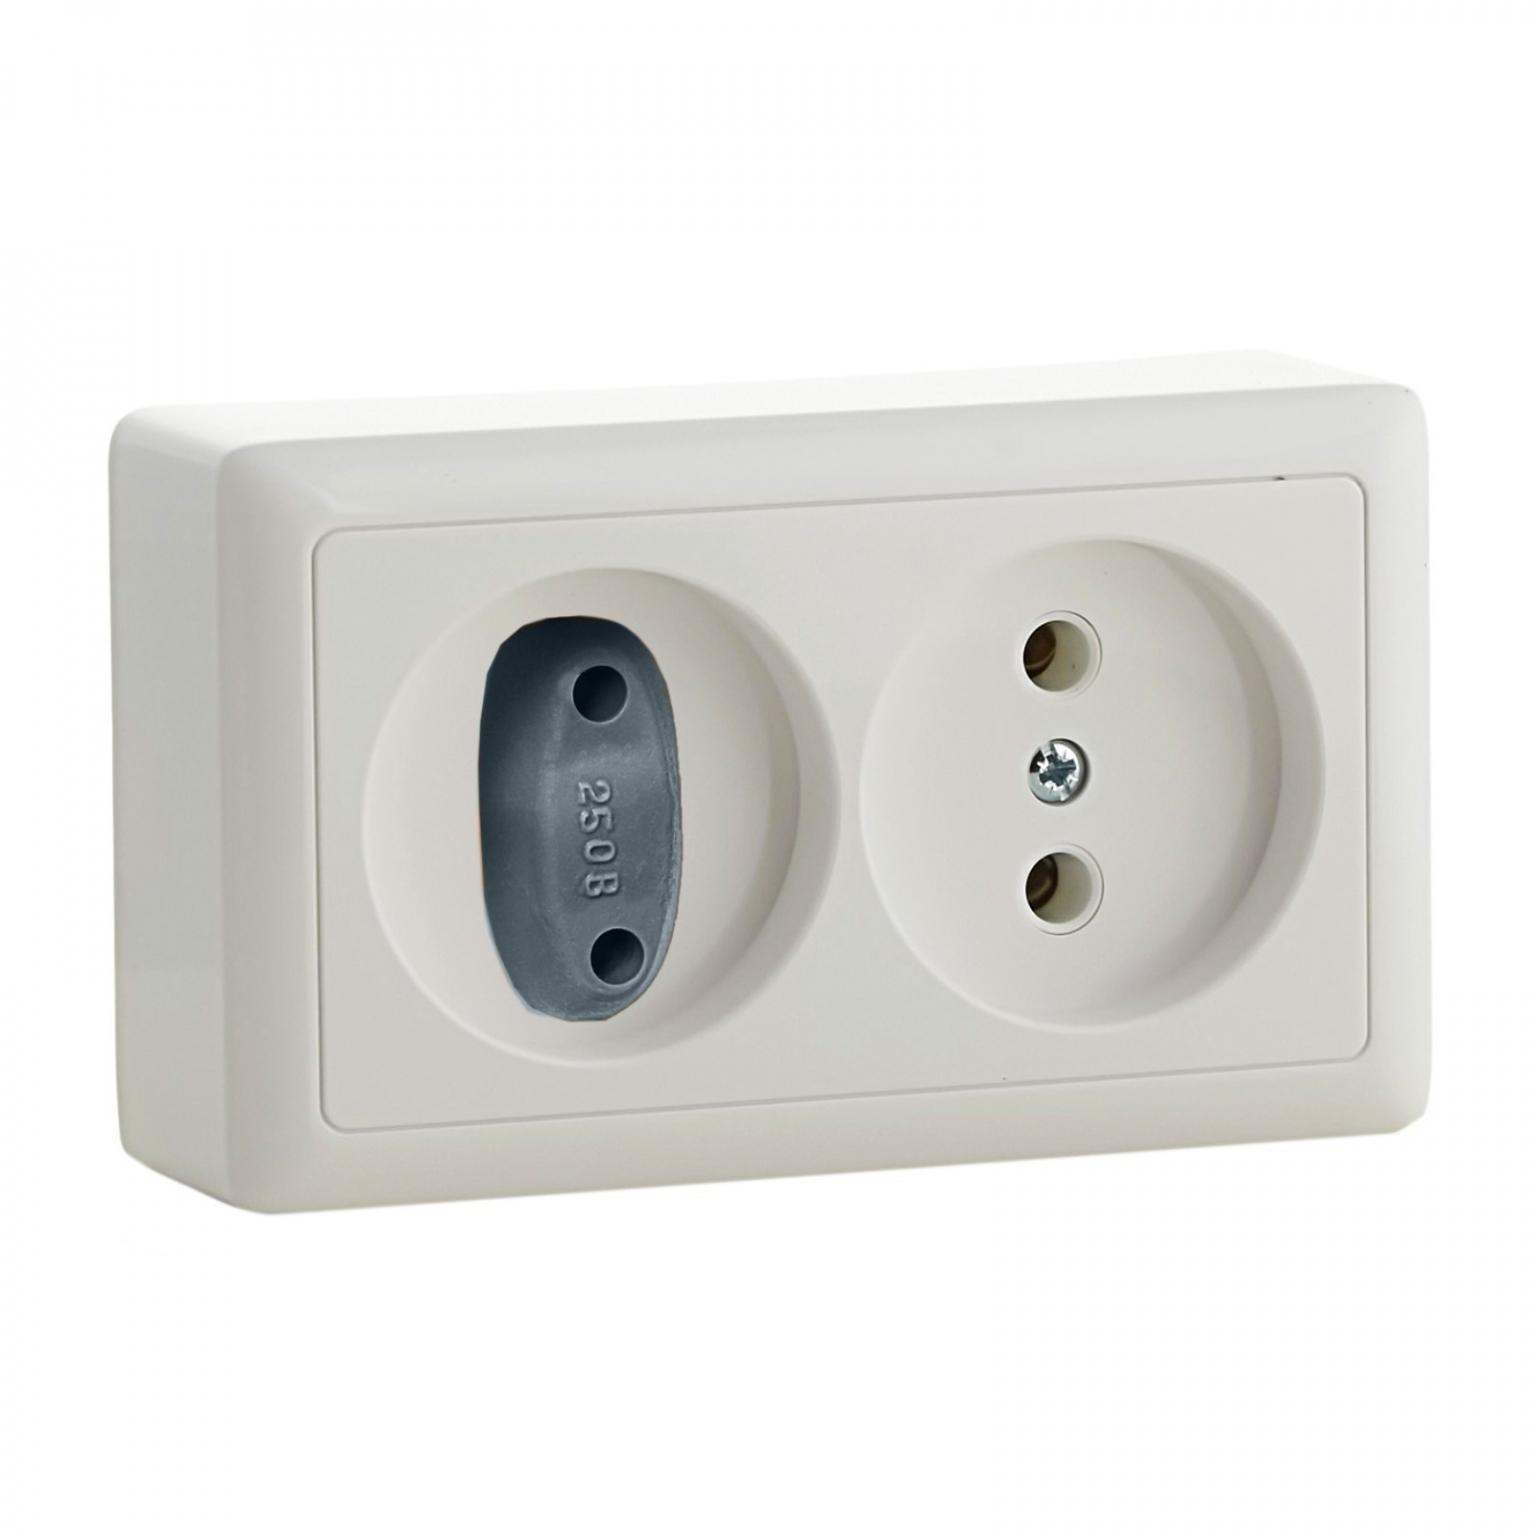 Заглушка для электрических розеток комплект 6 шт, цвет серый